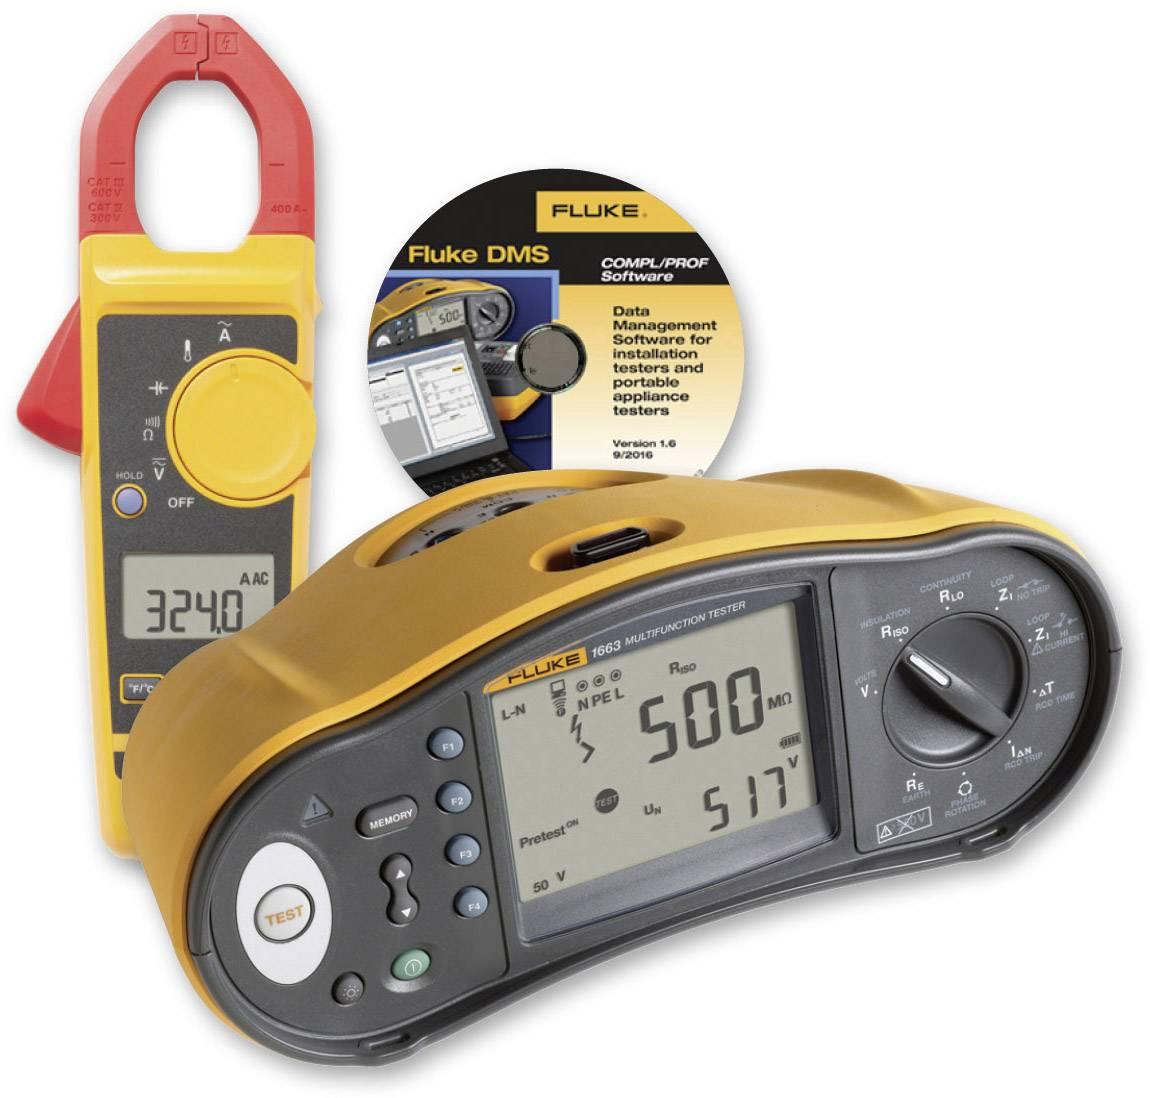 Tester instalací FVF-SC2Fluke 1663 SCH-CLAMP/F s proudovými kleštěmi Fluke 324 a softwarem FVF-SC2